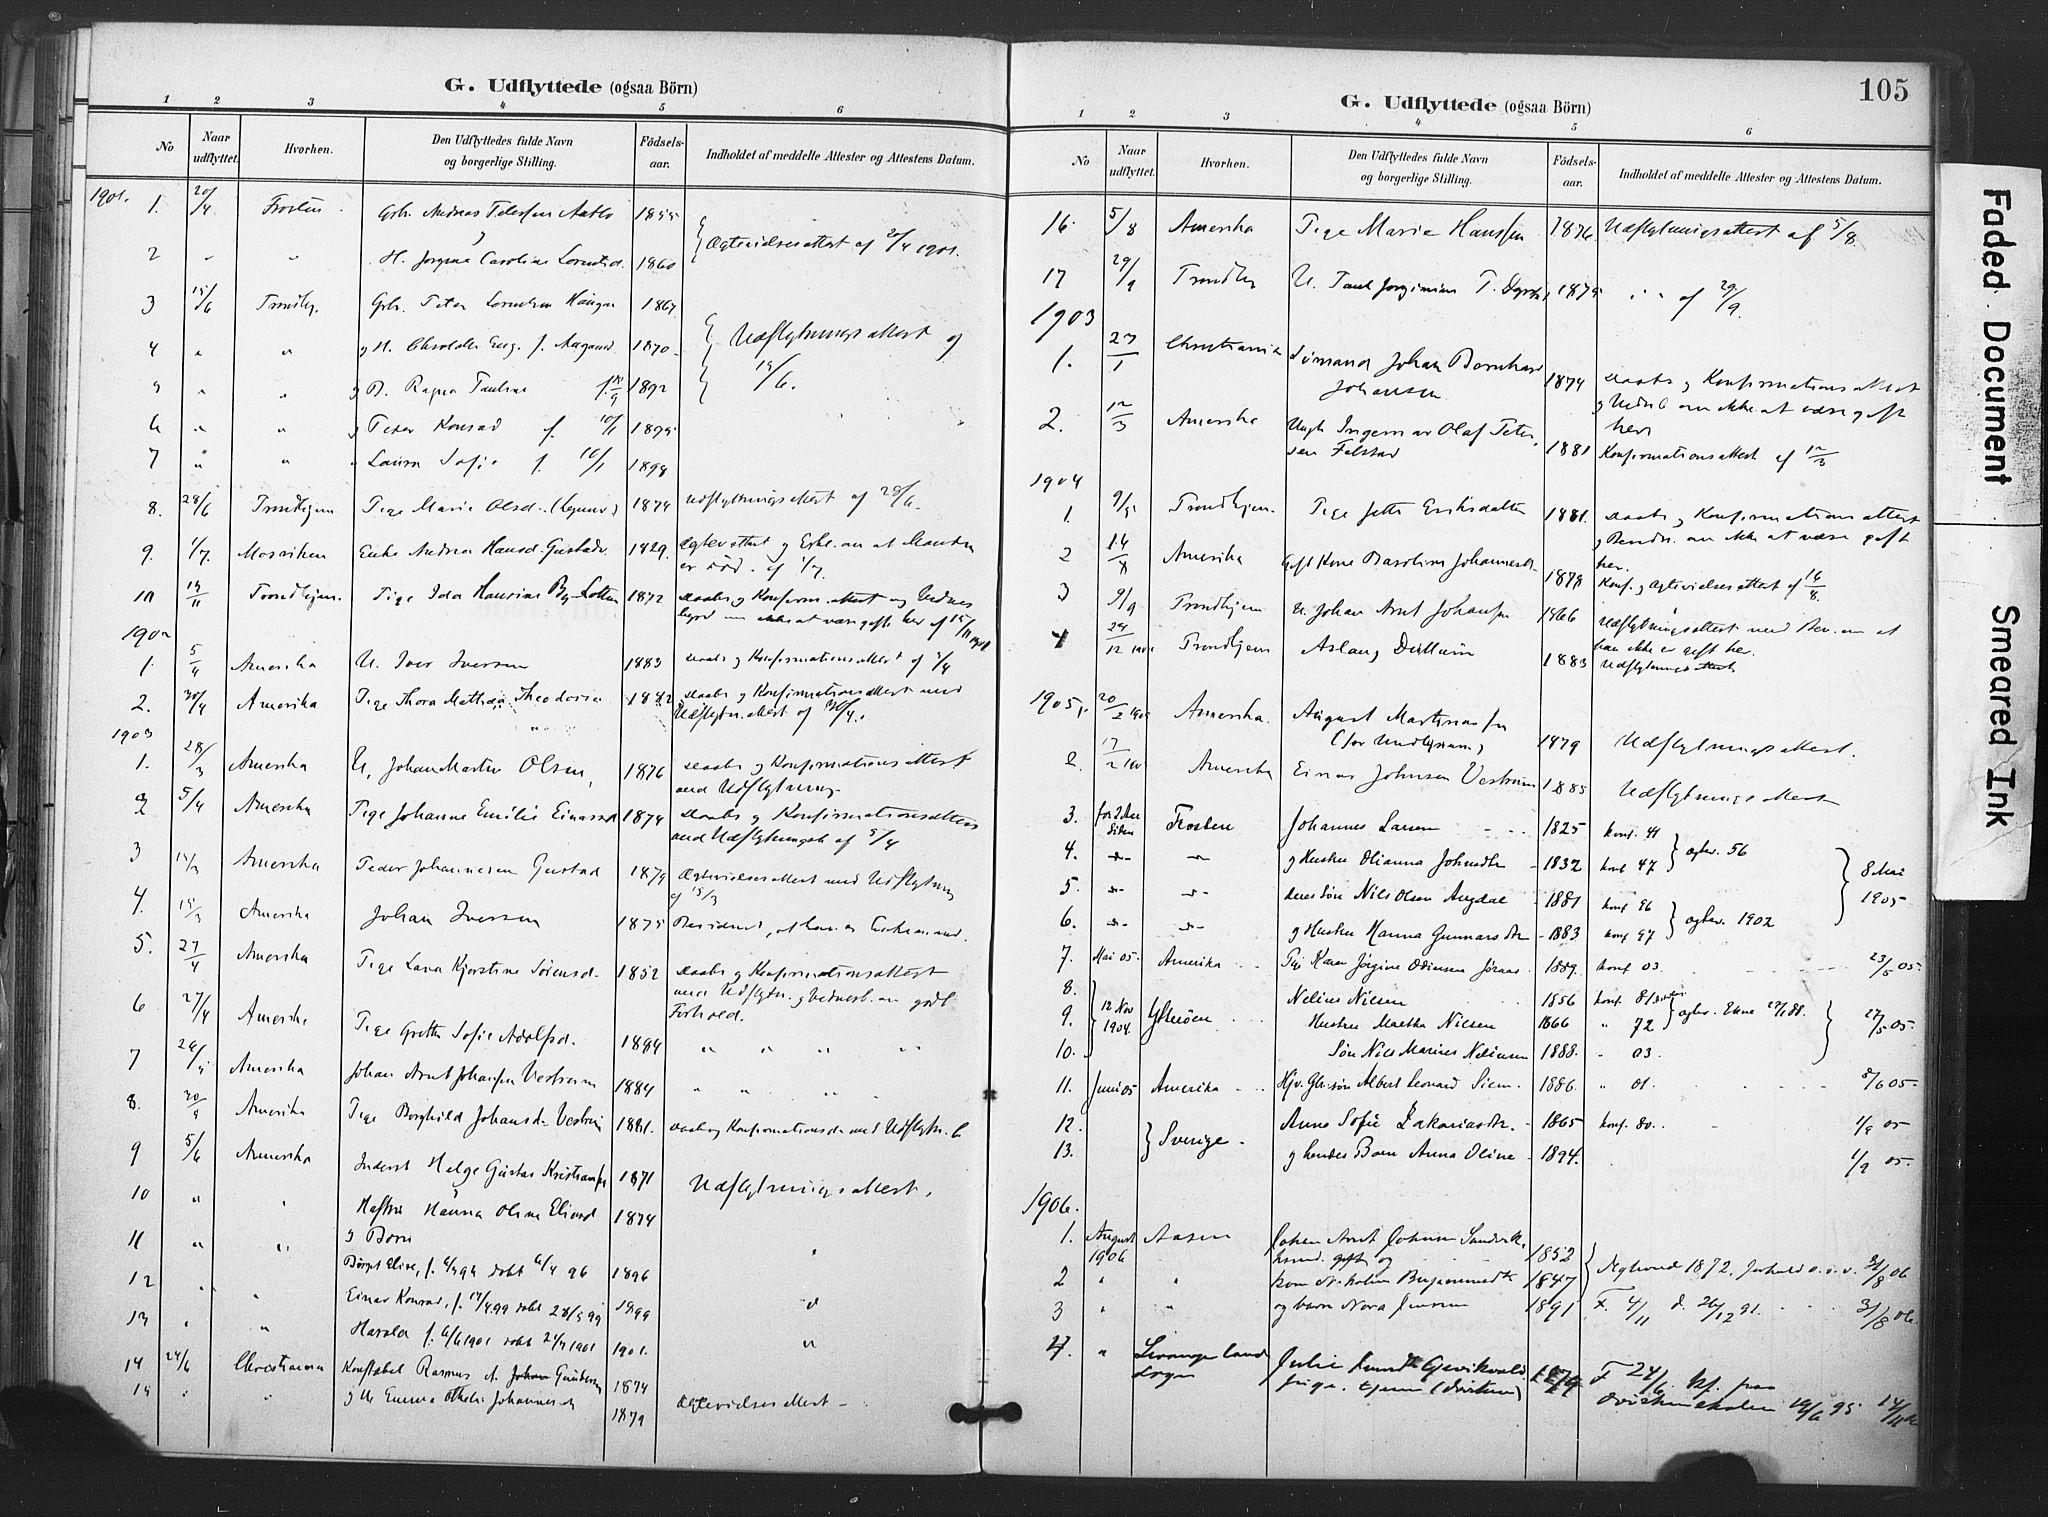 SAT, Ministerialprotokoller, klokkerbøker og fødselsregistre - Nord-Trøndelag, 719/L0179: Ministerialbok nr. 719A02, 1901-1923, s. 105